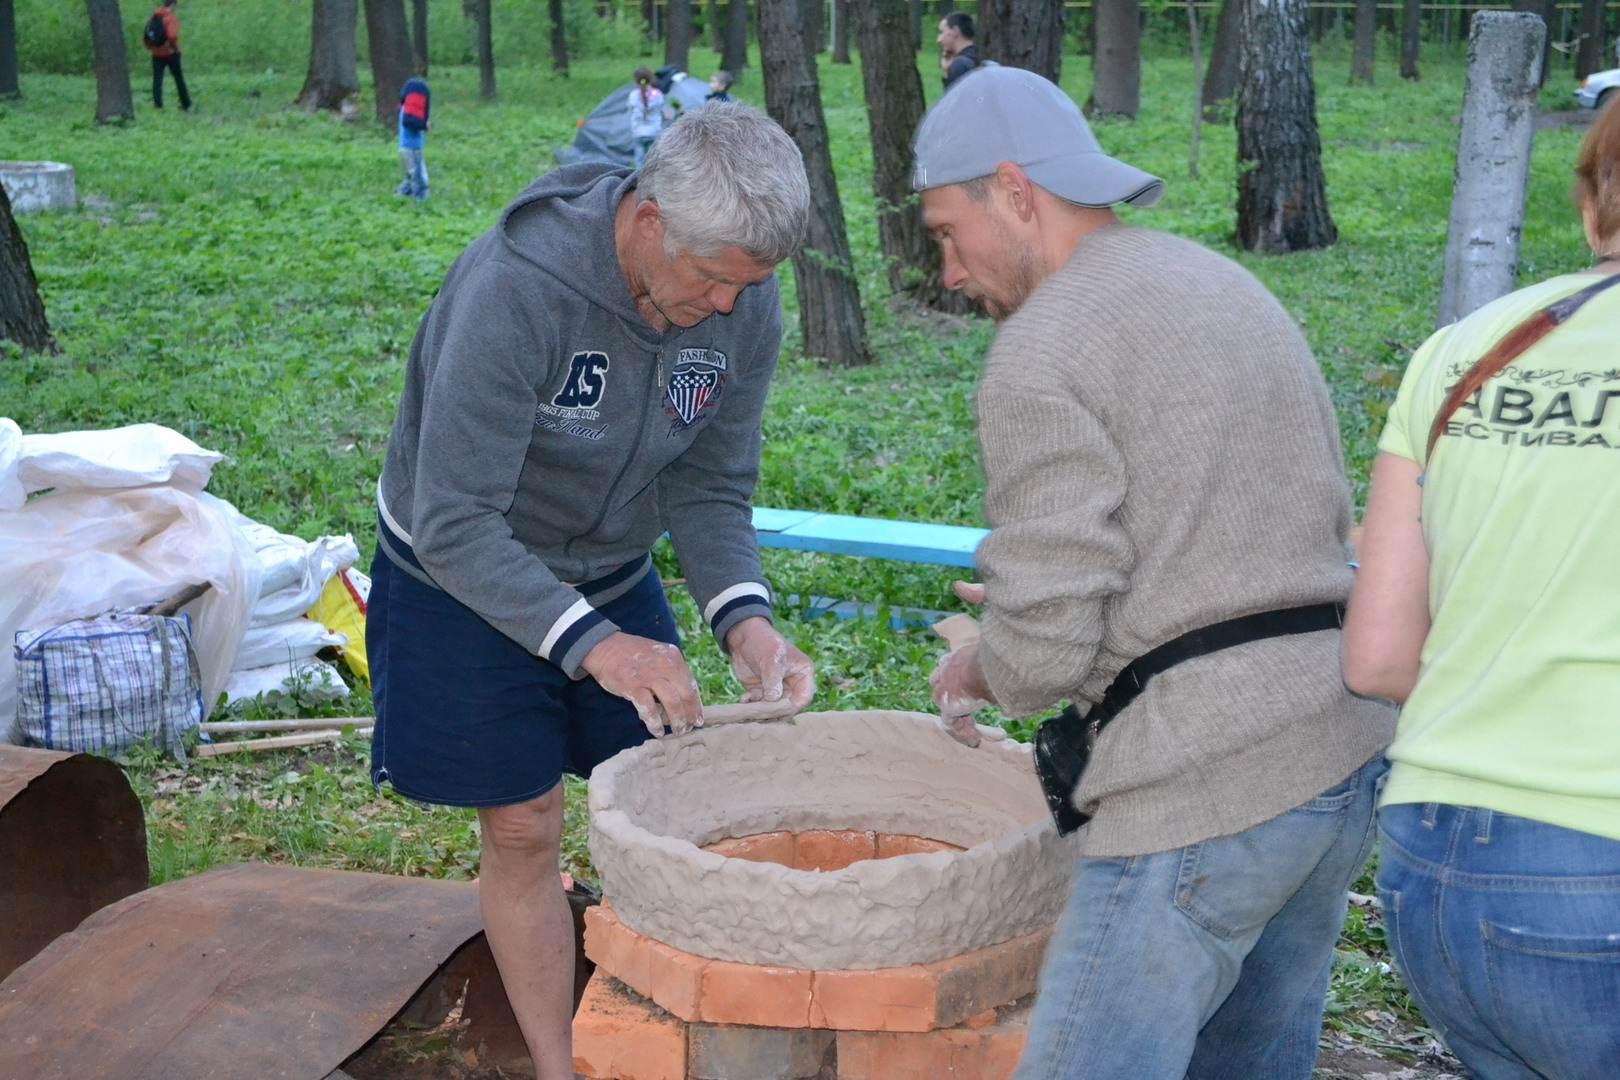 мастера делают большую глиняную фигуру для обжига. фестиваль тавале.